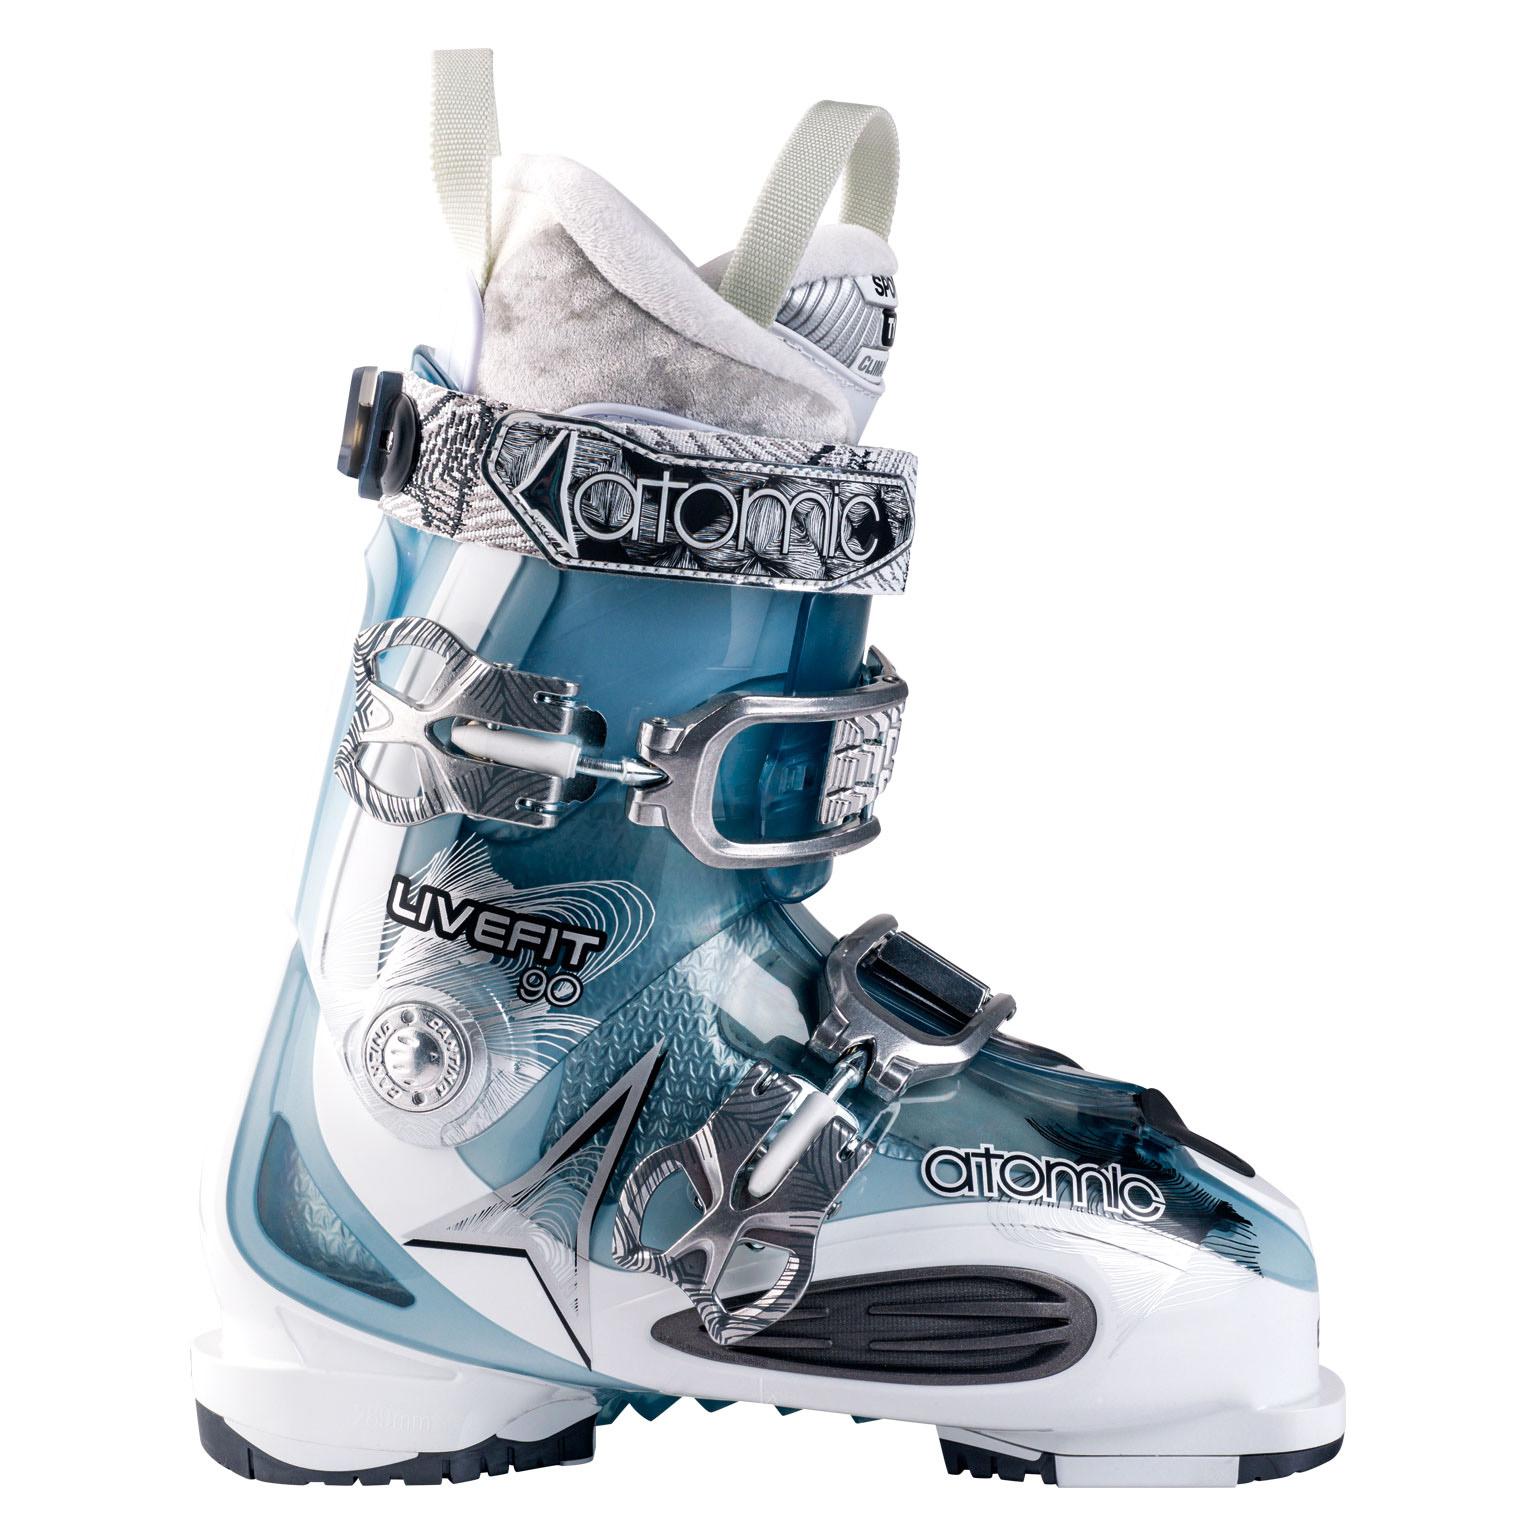 Ski Boots | Atomic Livefit 90 W | Ski